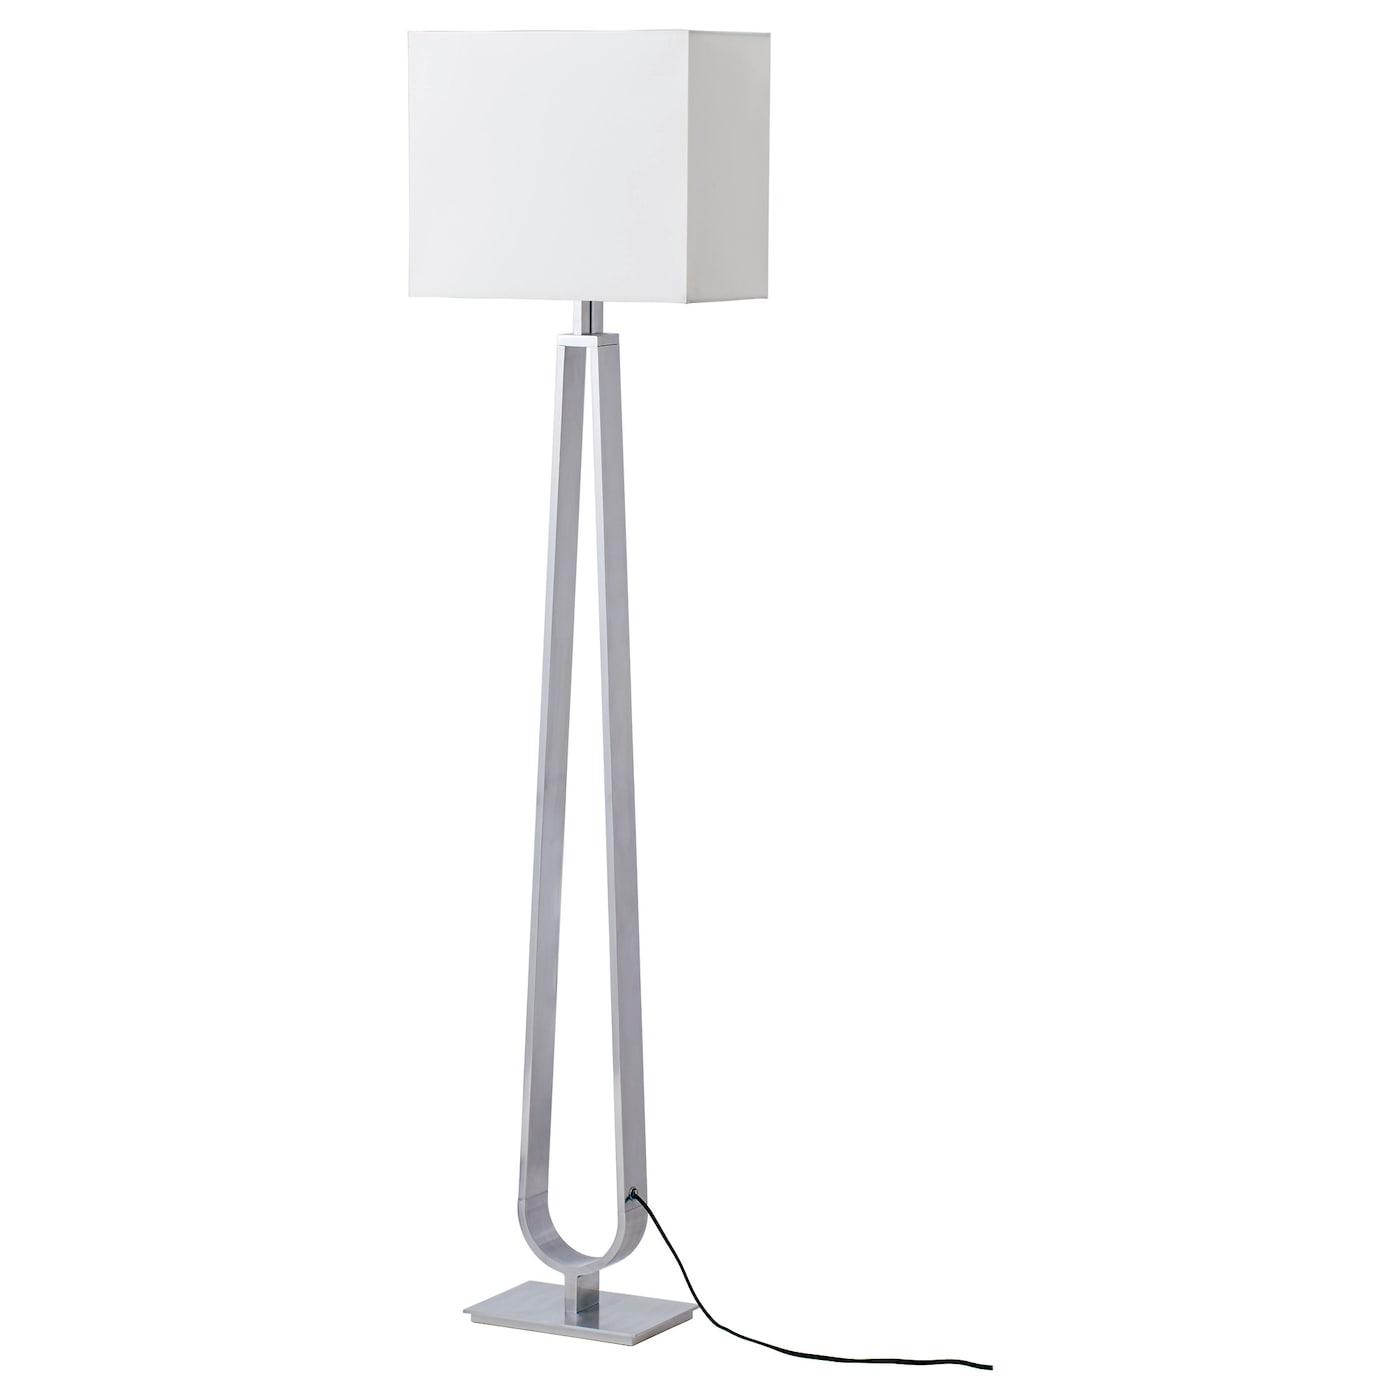 Klabb Standleuchte Elfenbeinweiss Ikea Osterreich